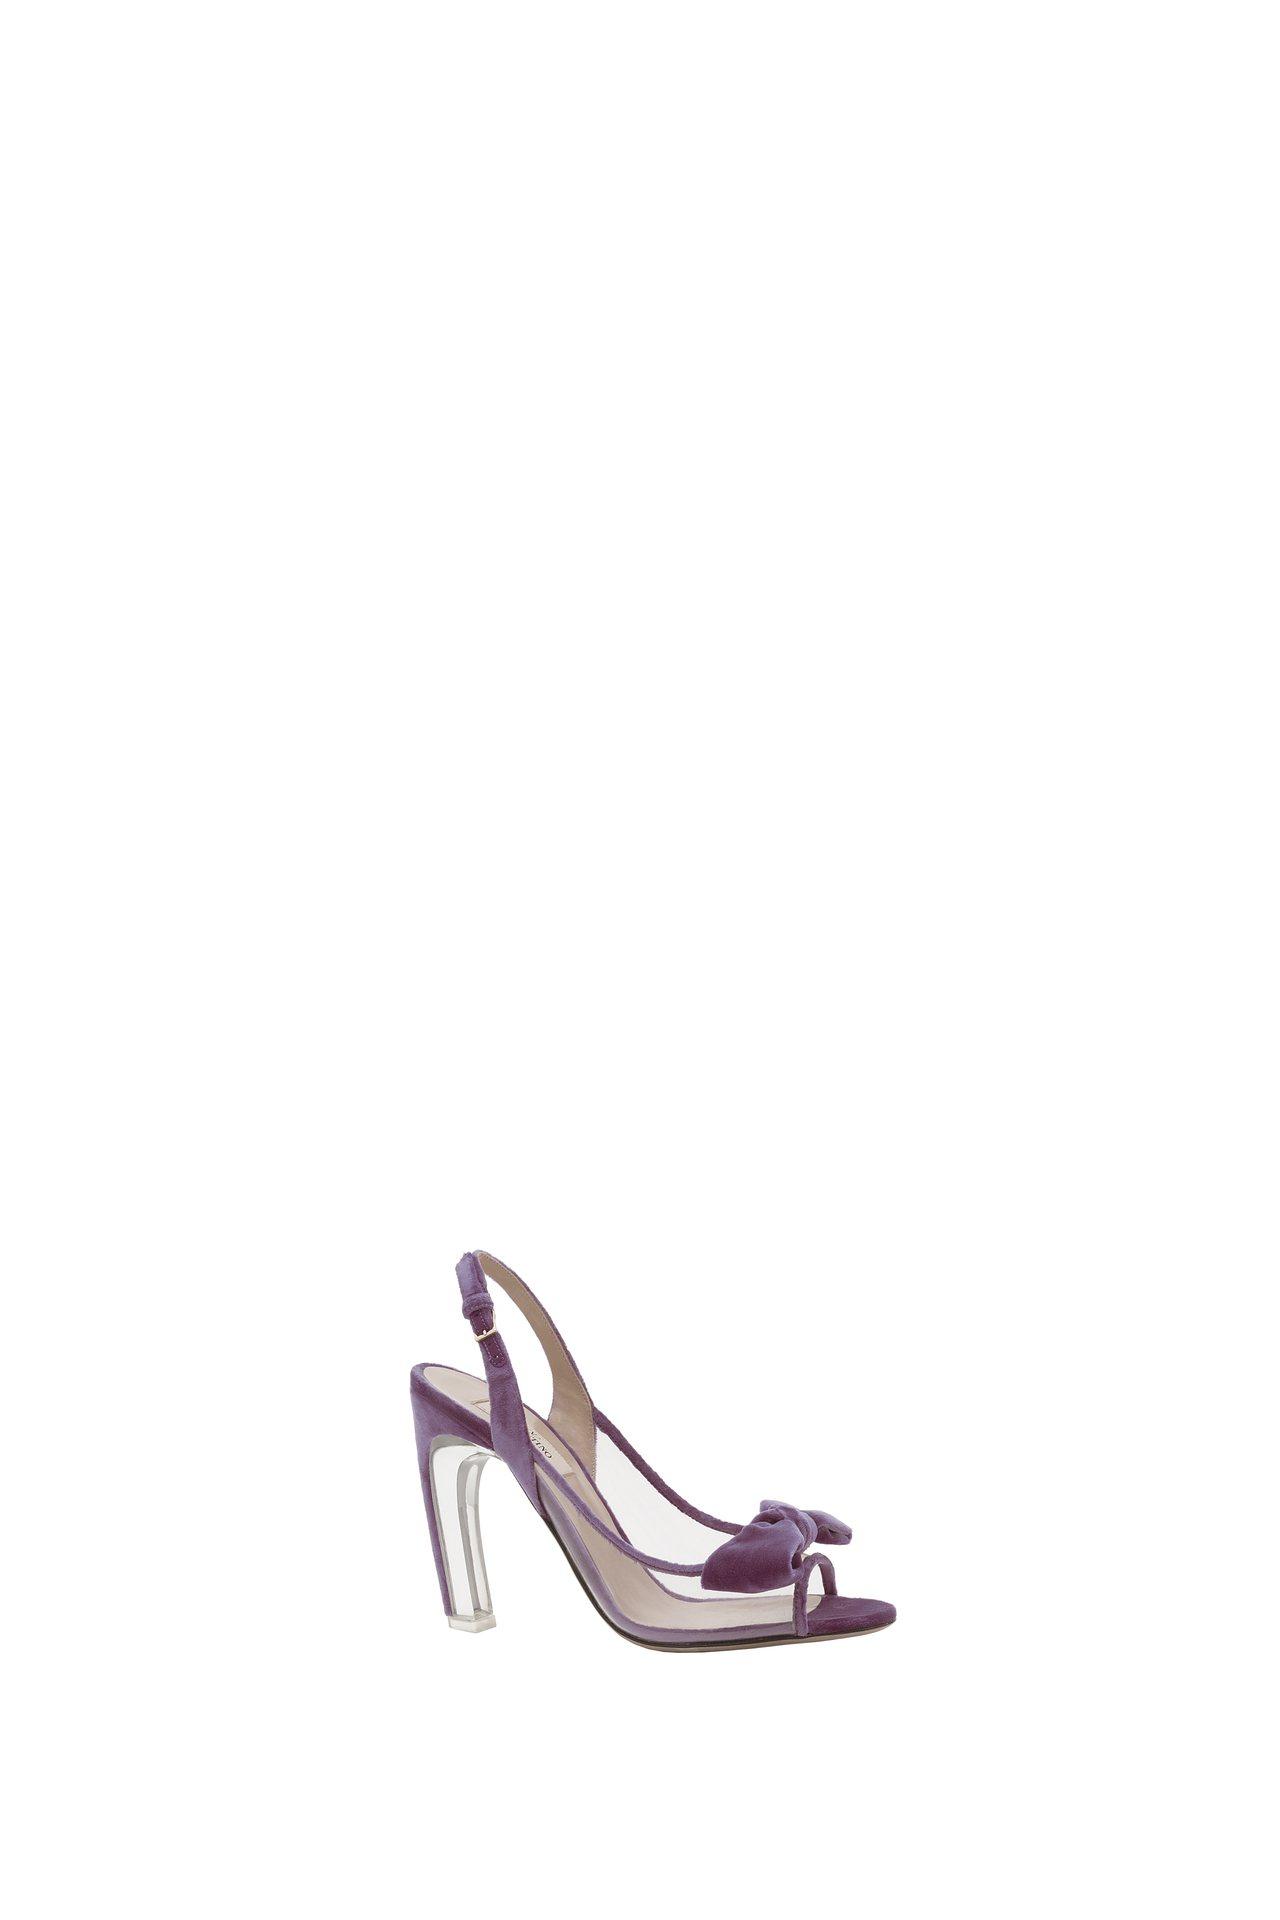 Valentino紫色蝴蝶結高跟鞋還搭配透明鞋跟點綴出清新夢幻氛圍,價格店洽。圖...